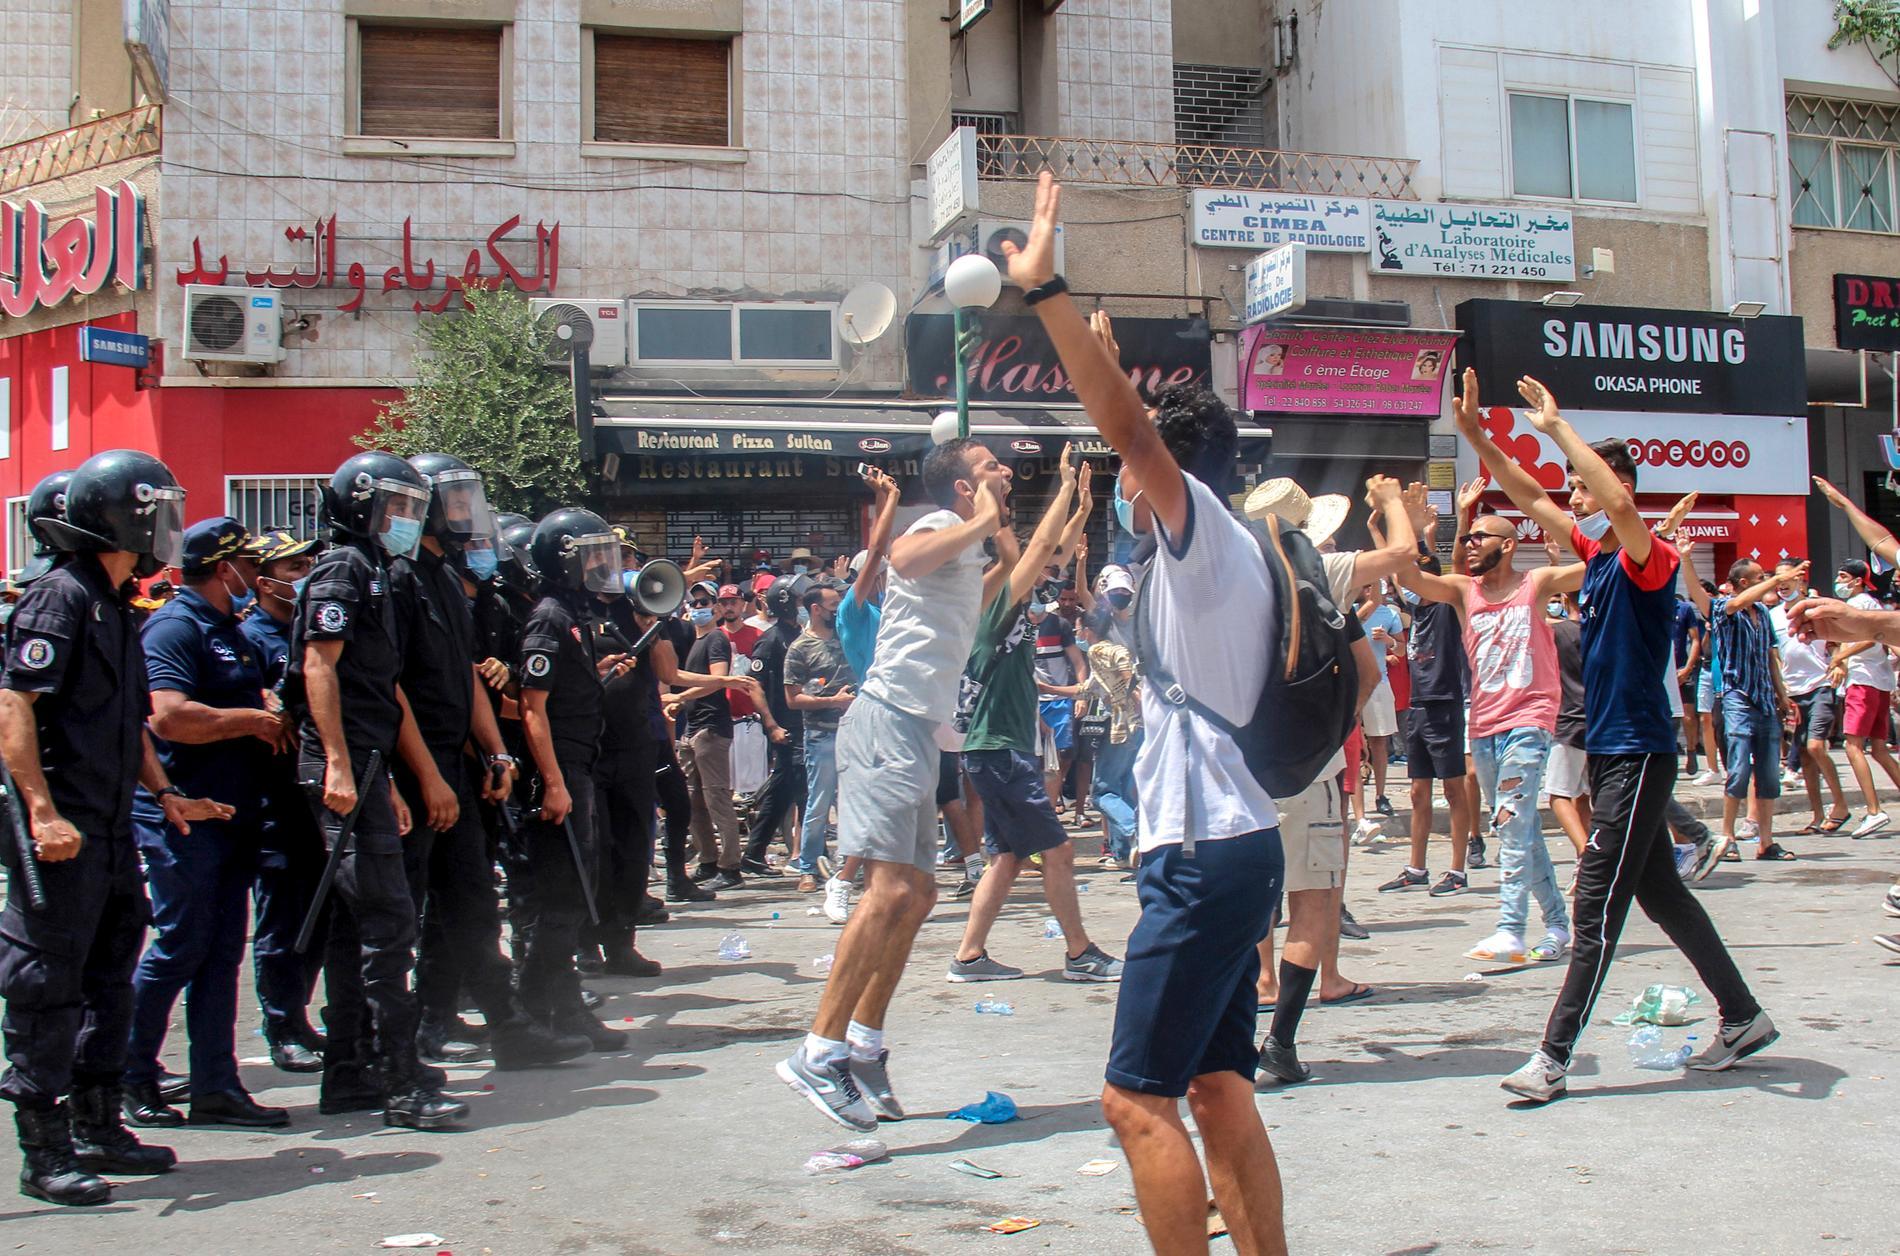 Demonstranter drabbar samman med polis i Tunisiens huvudstad Tunis under söndagen. Våldsamma demonstrationer har brutit ut på flera håll i landet i protest mot landets styre.